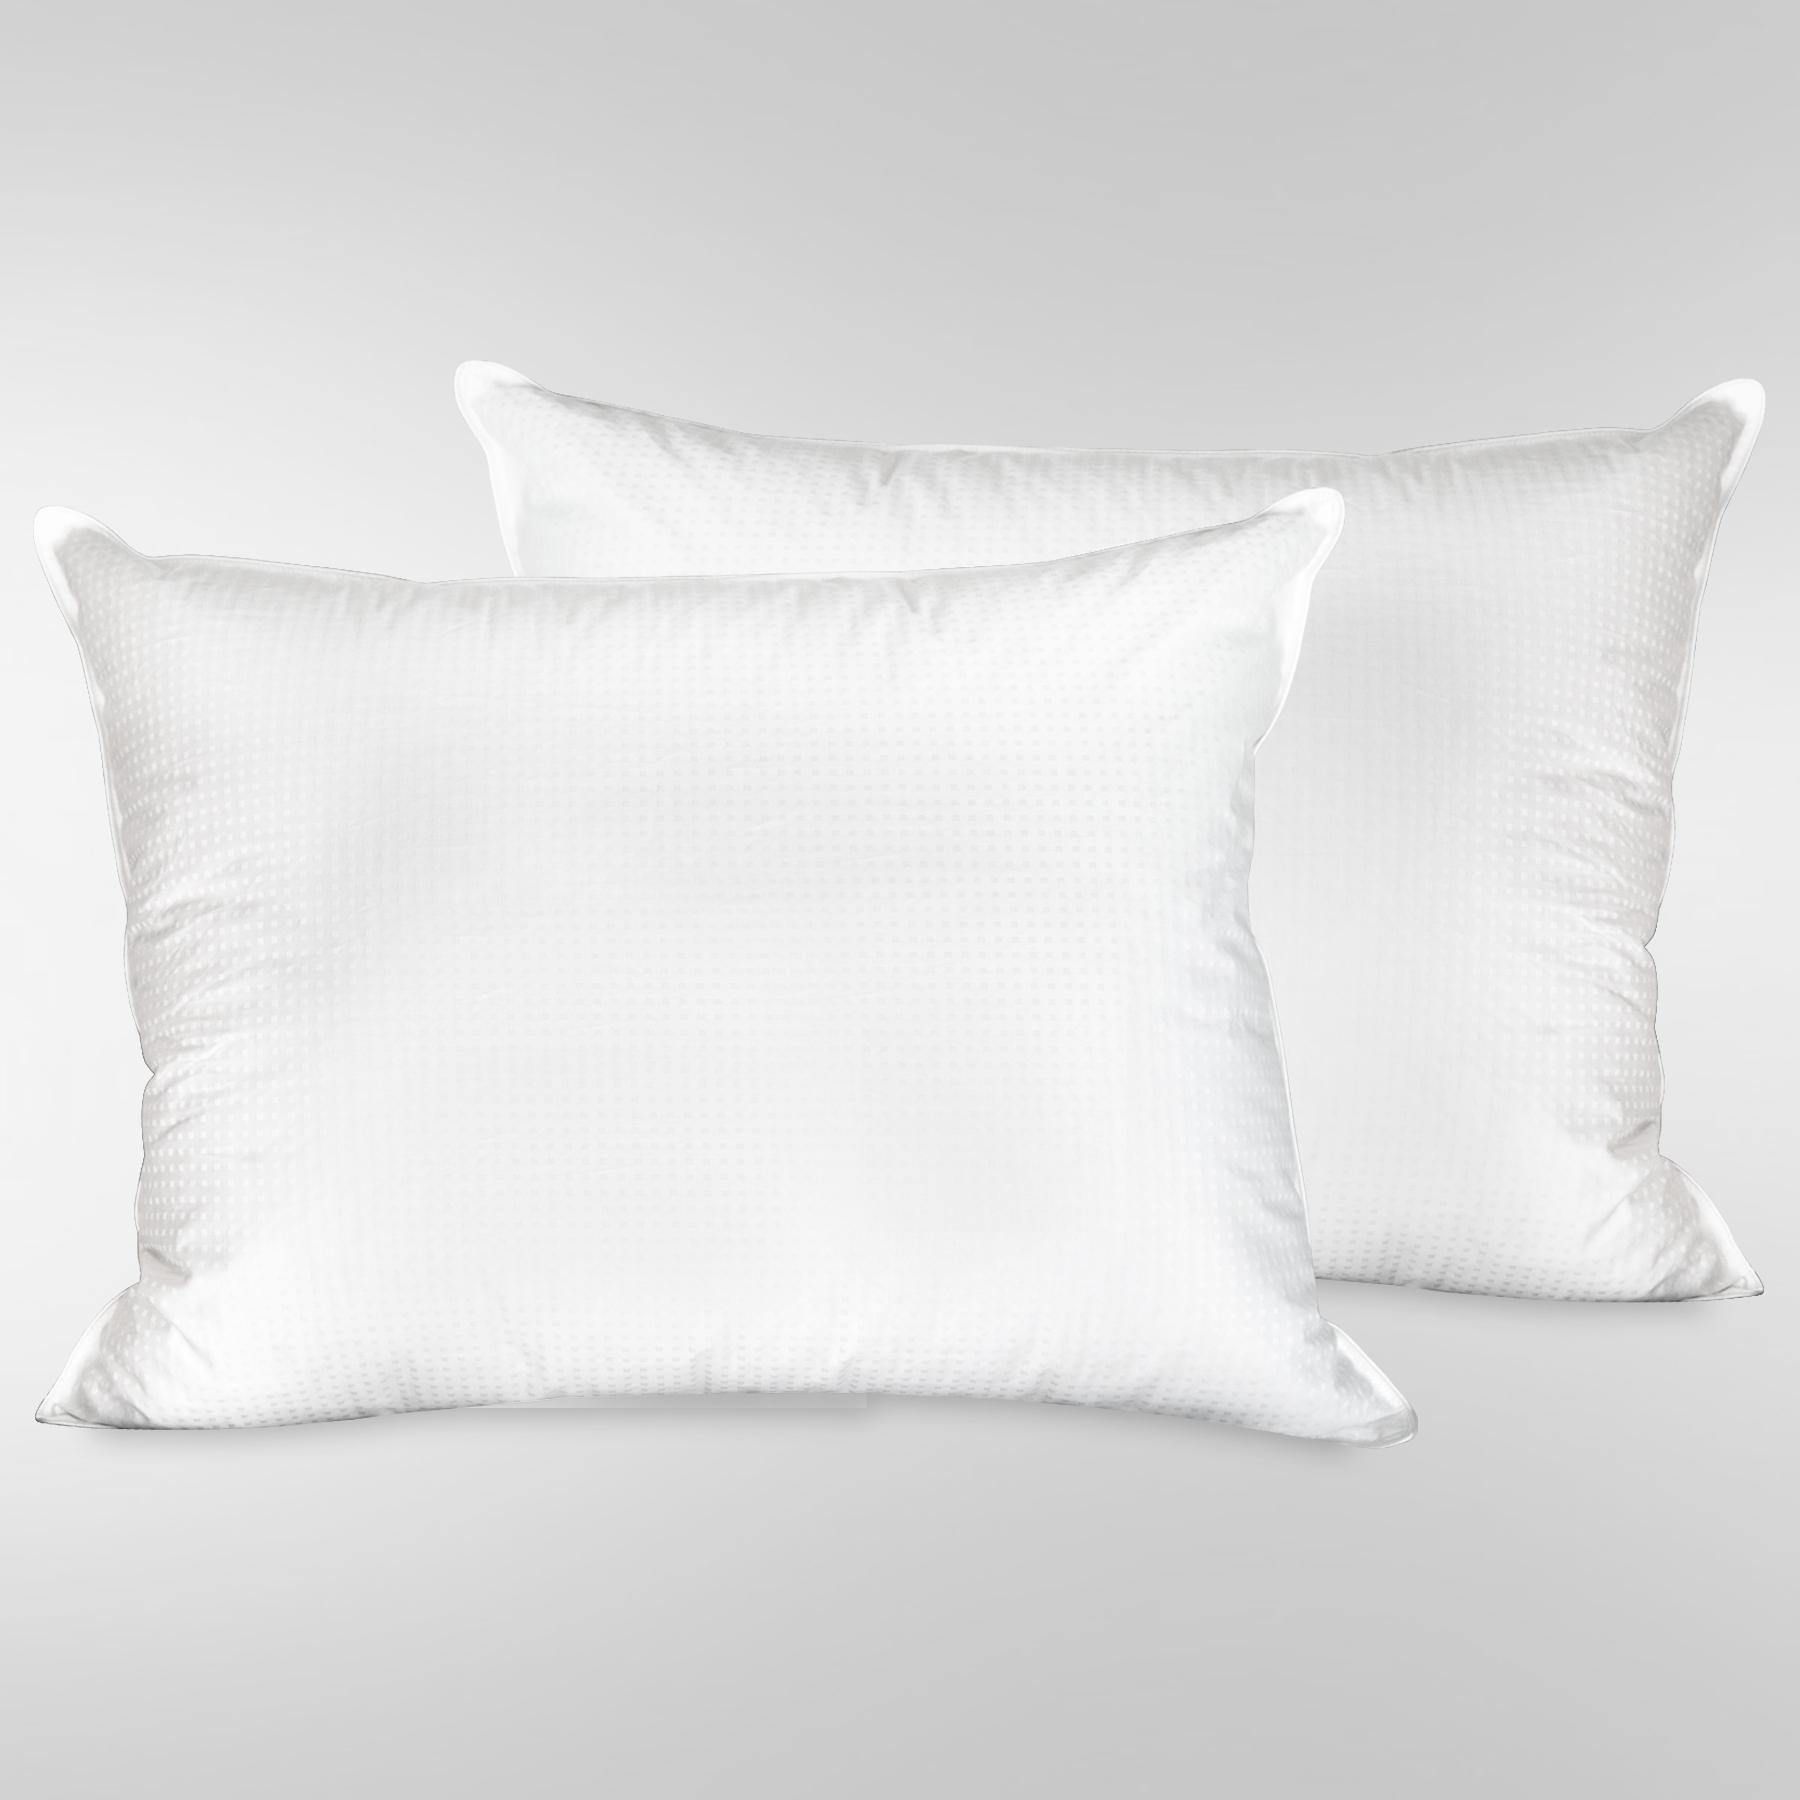 Ufd Heirloom Swiss Dot Standard Size 2 Pillow Bundle